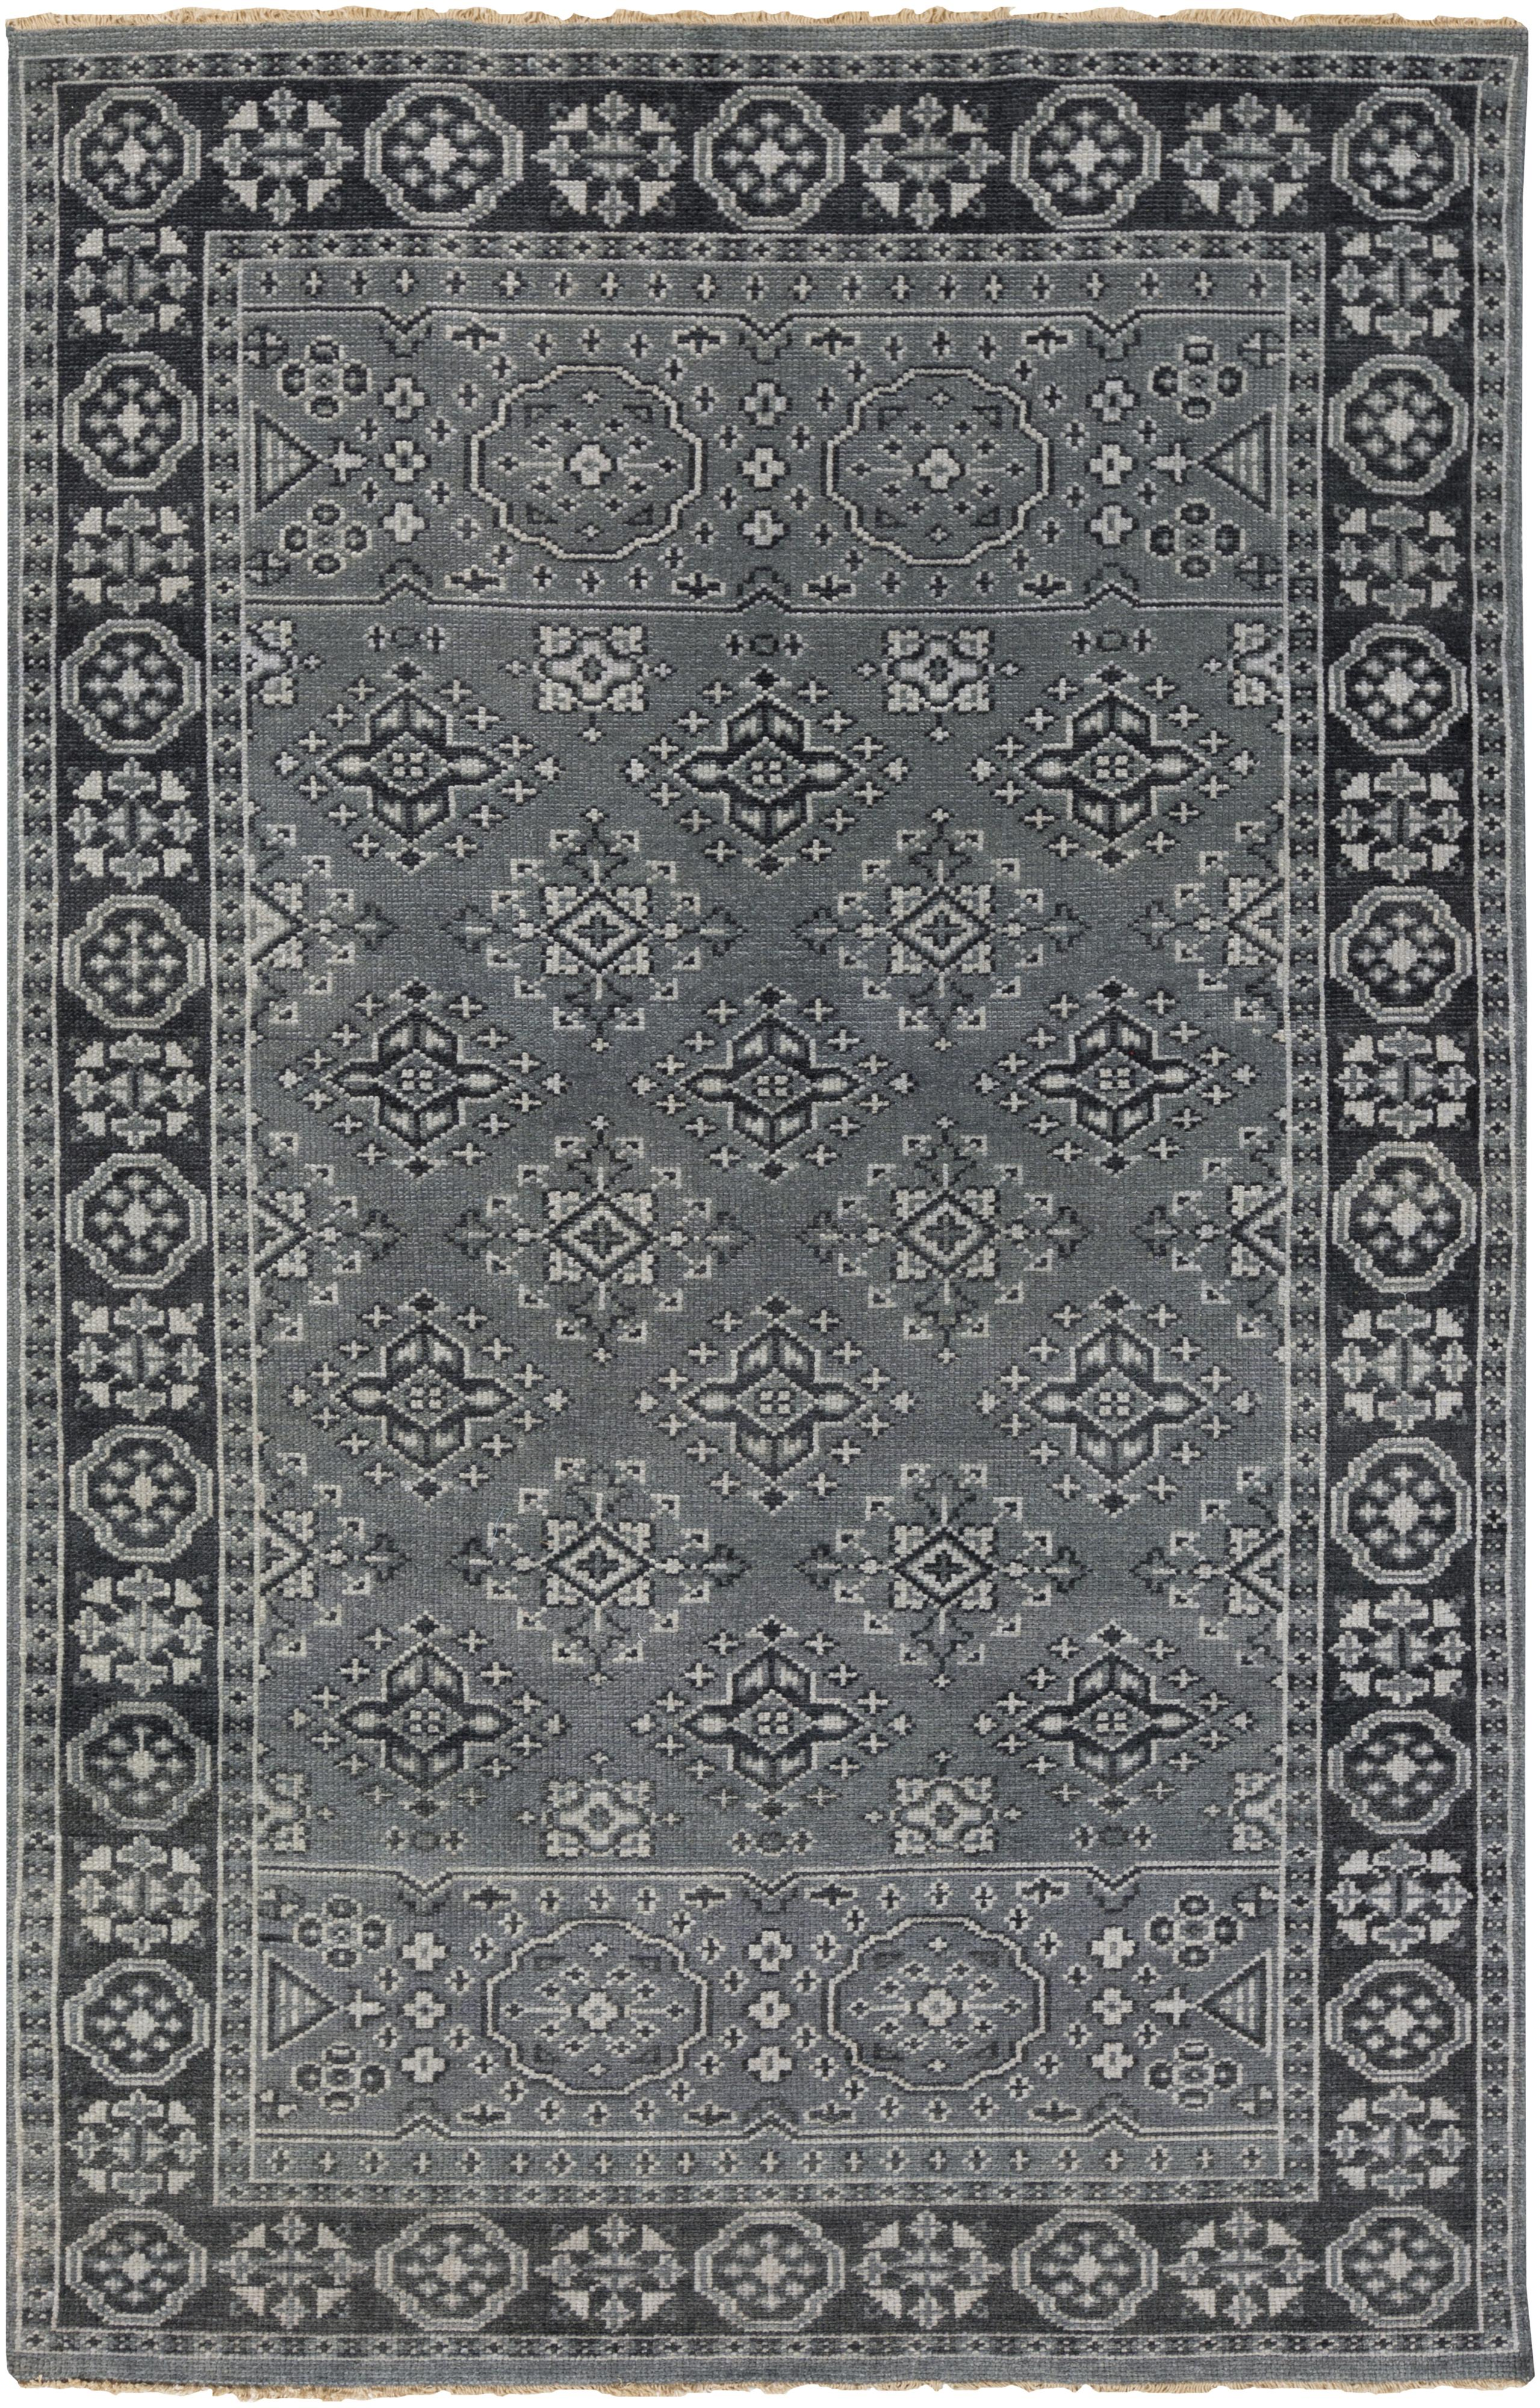 """Surya Rugs Cappadocia 3'6"""" x 5'6"""" - Item Number: CPP5012-3656"""